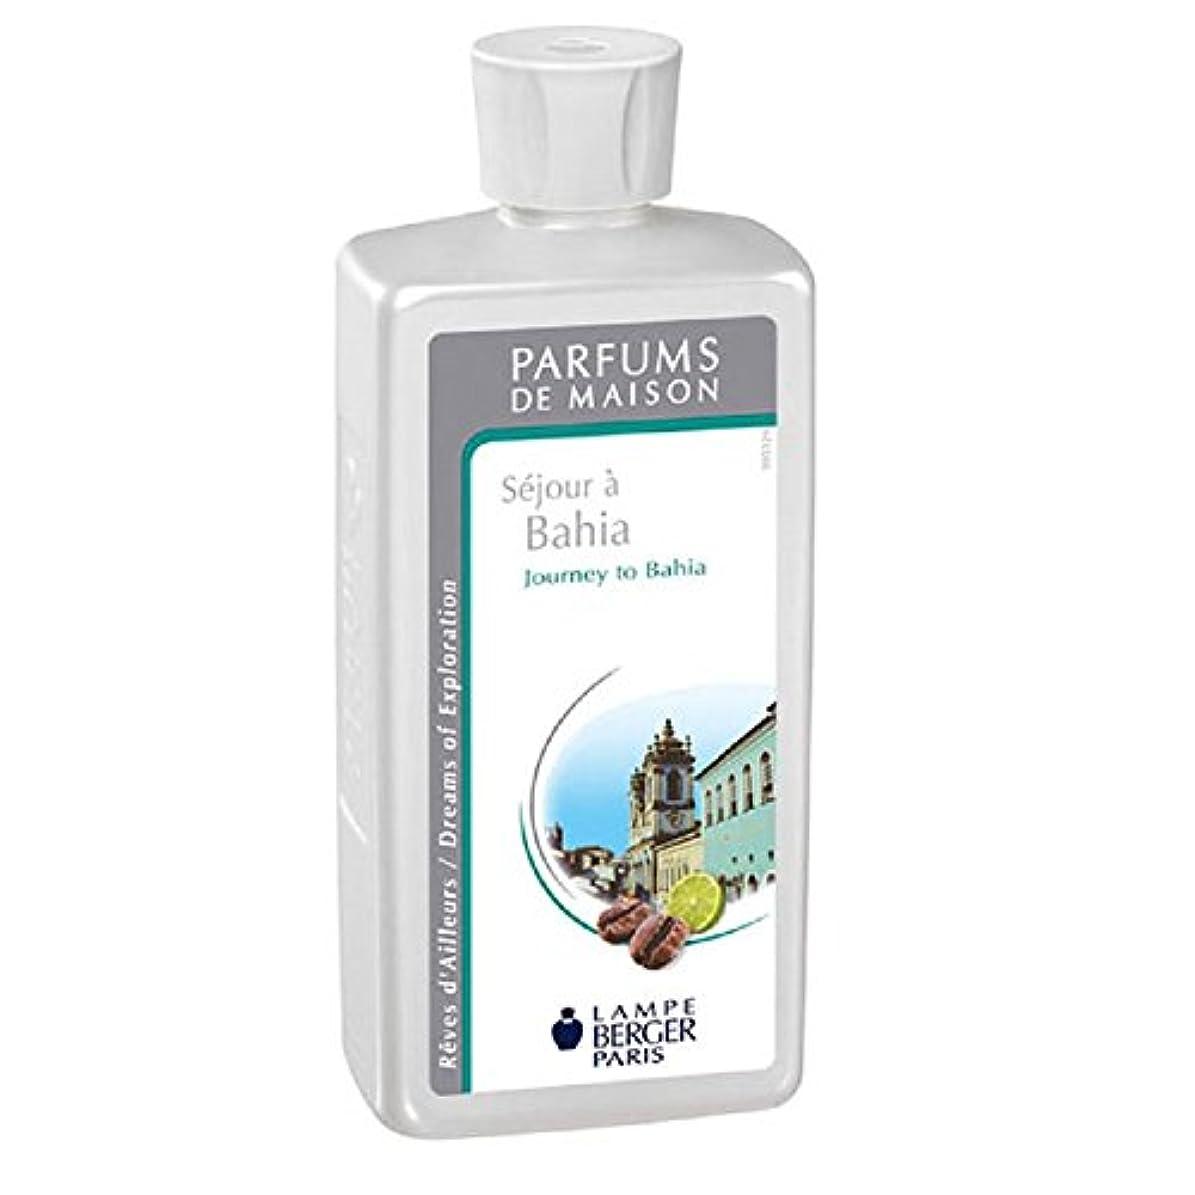 付ける注文失効ランプベルジェ アロマオイル500ml ブラジルバイーアの香り (500ml)